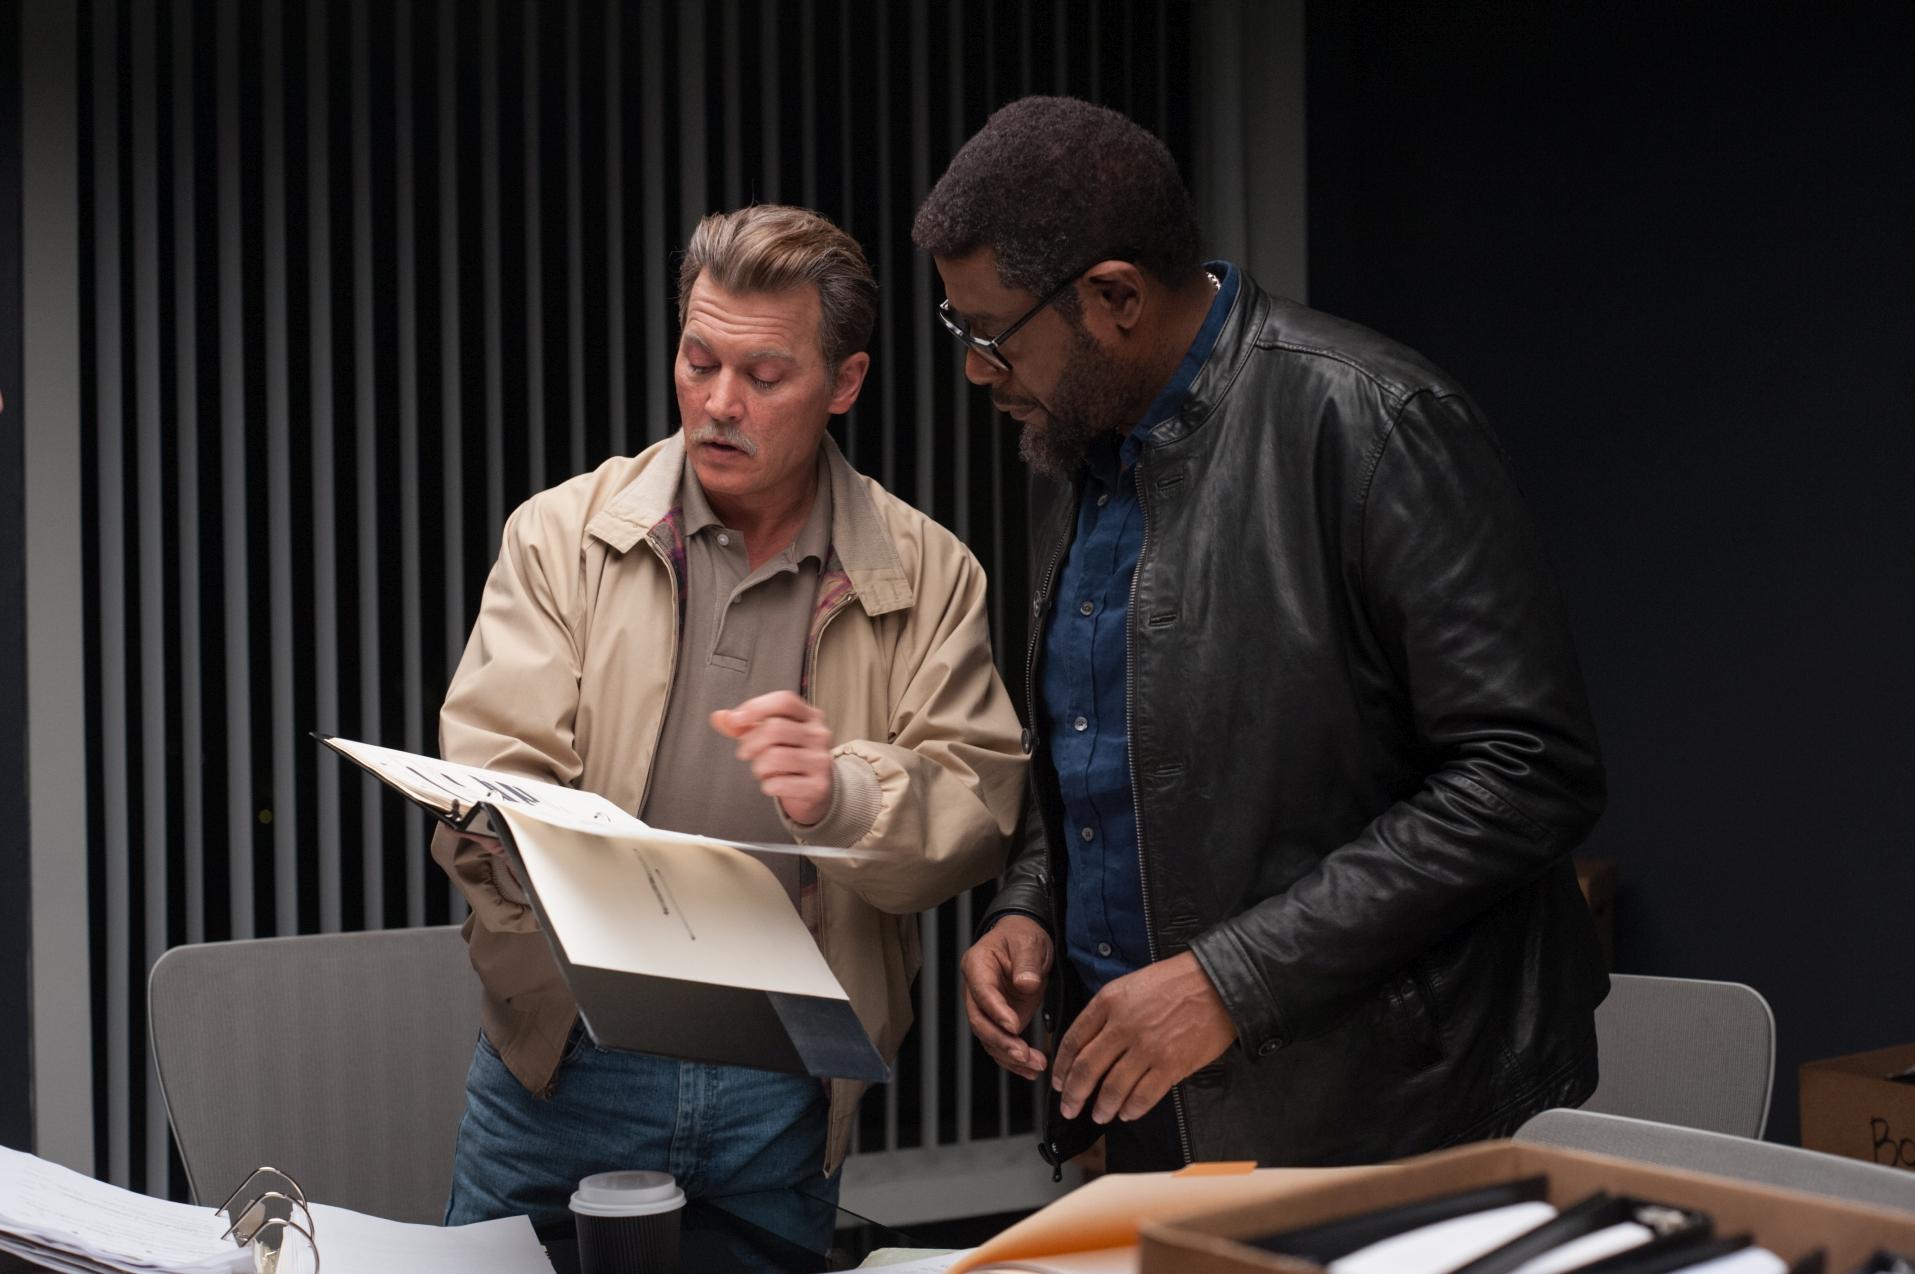 City of Lies - L'ora della verità: Johnny Depp in una scena con Forest Whitaker